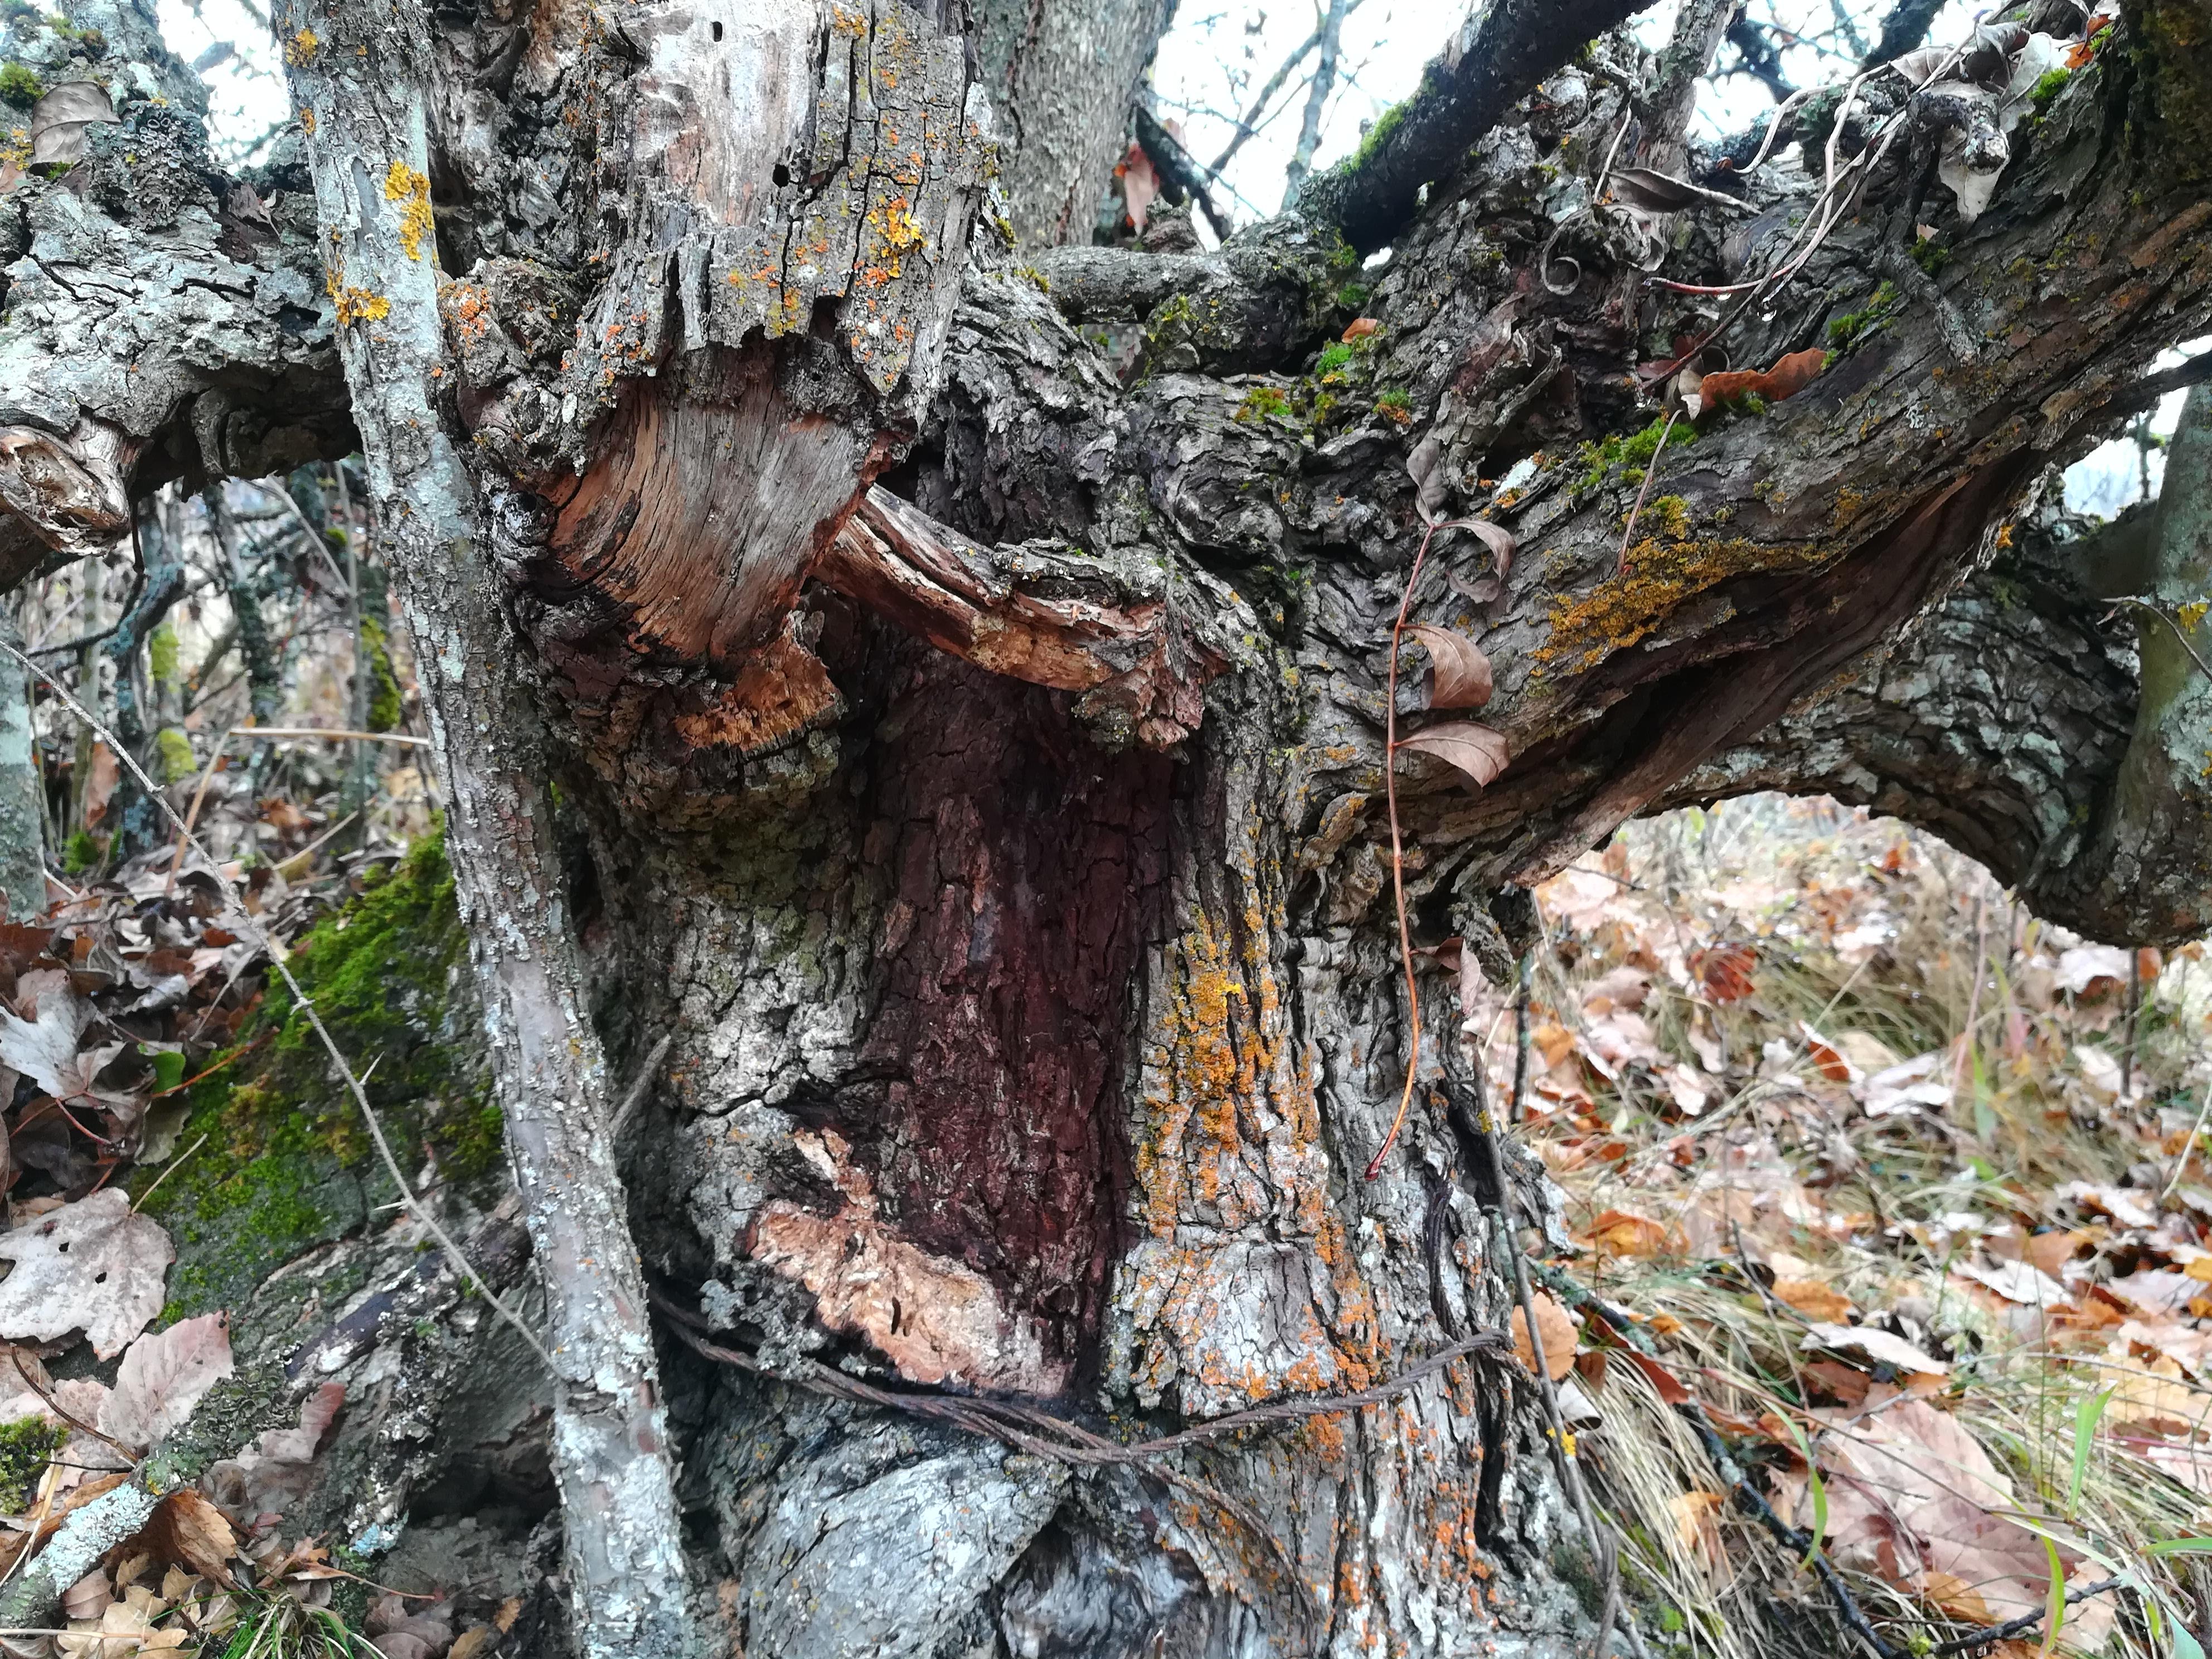 Arbre avec une grande plaie sur le tronc